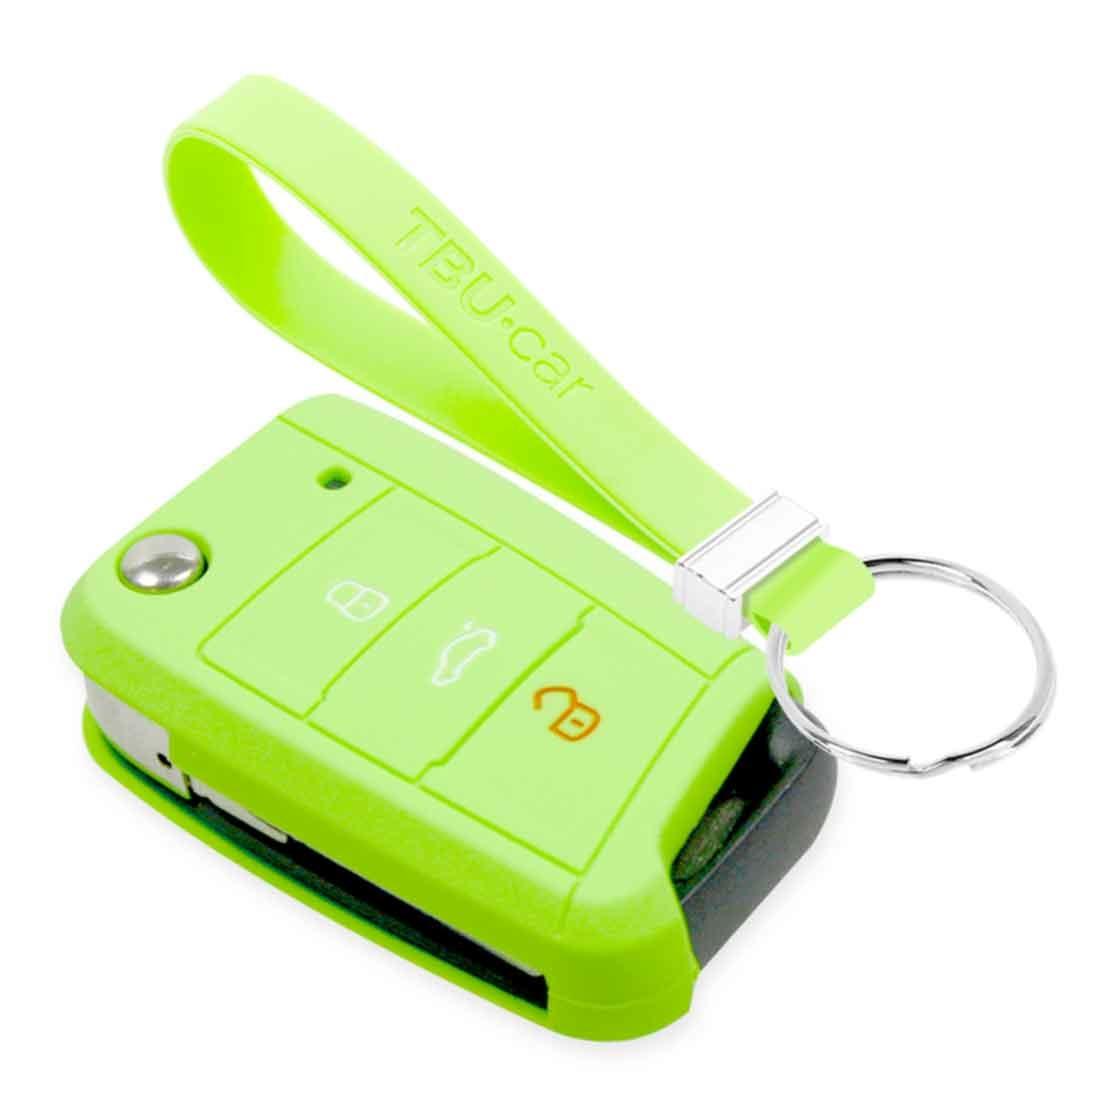 TBU car TBU car Sleutel cover compatibel met VW - Silicone sleutelhoesje - beschermhoesje autosleutel - Glow in the Dark